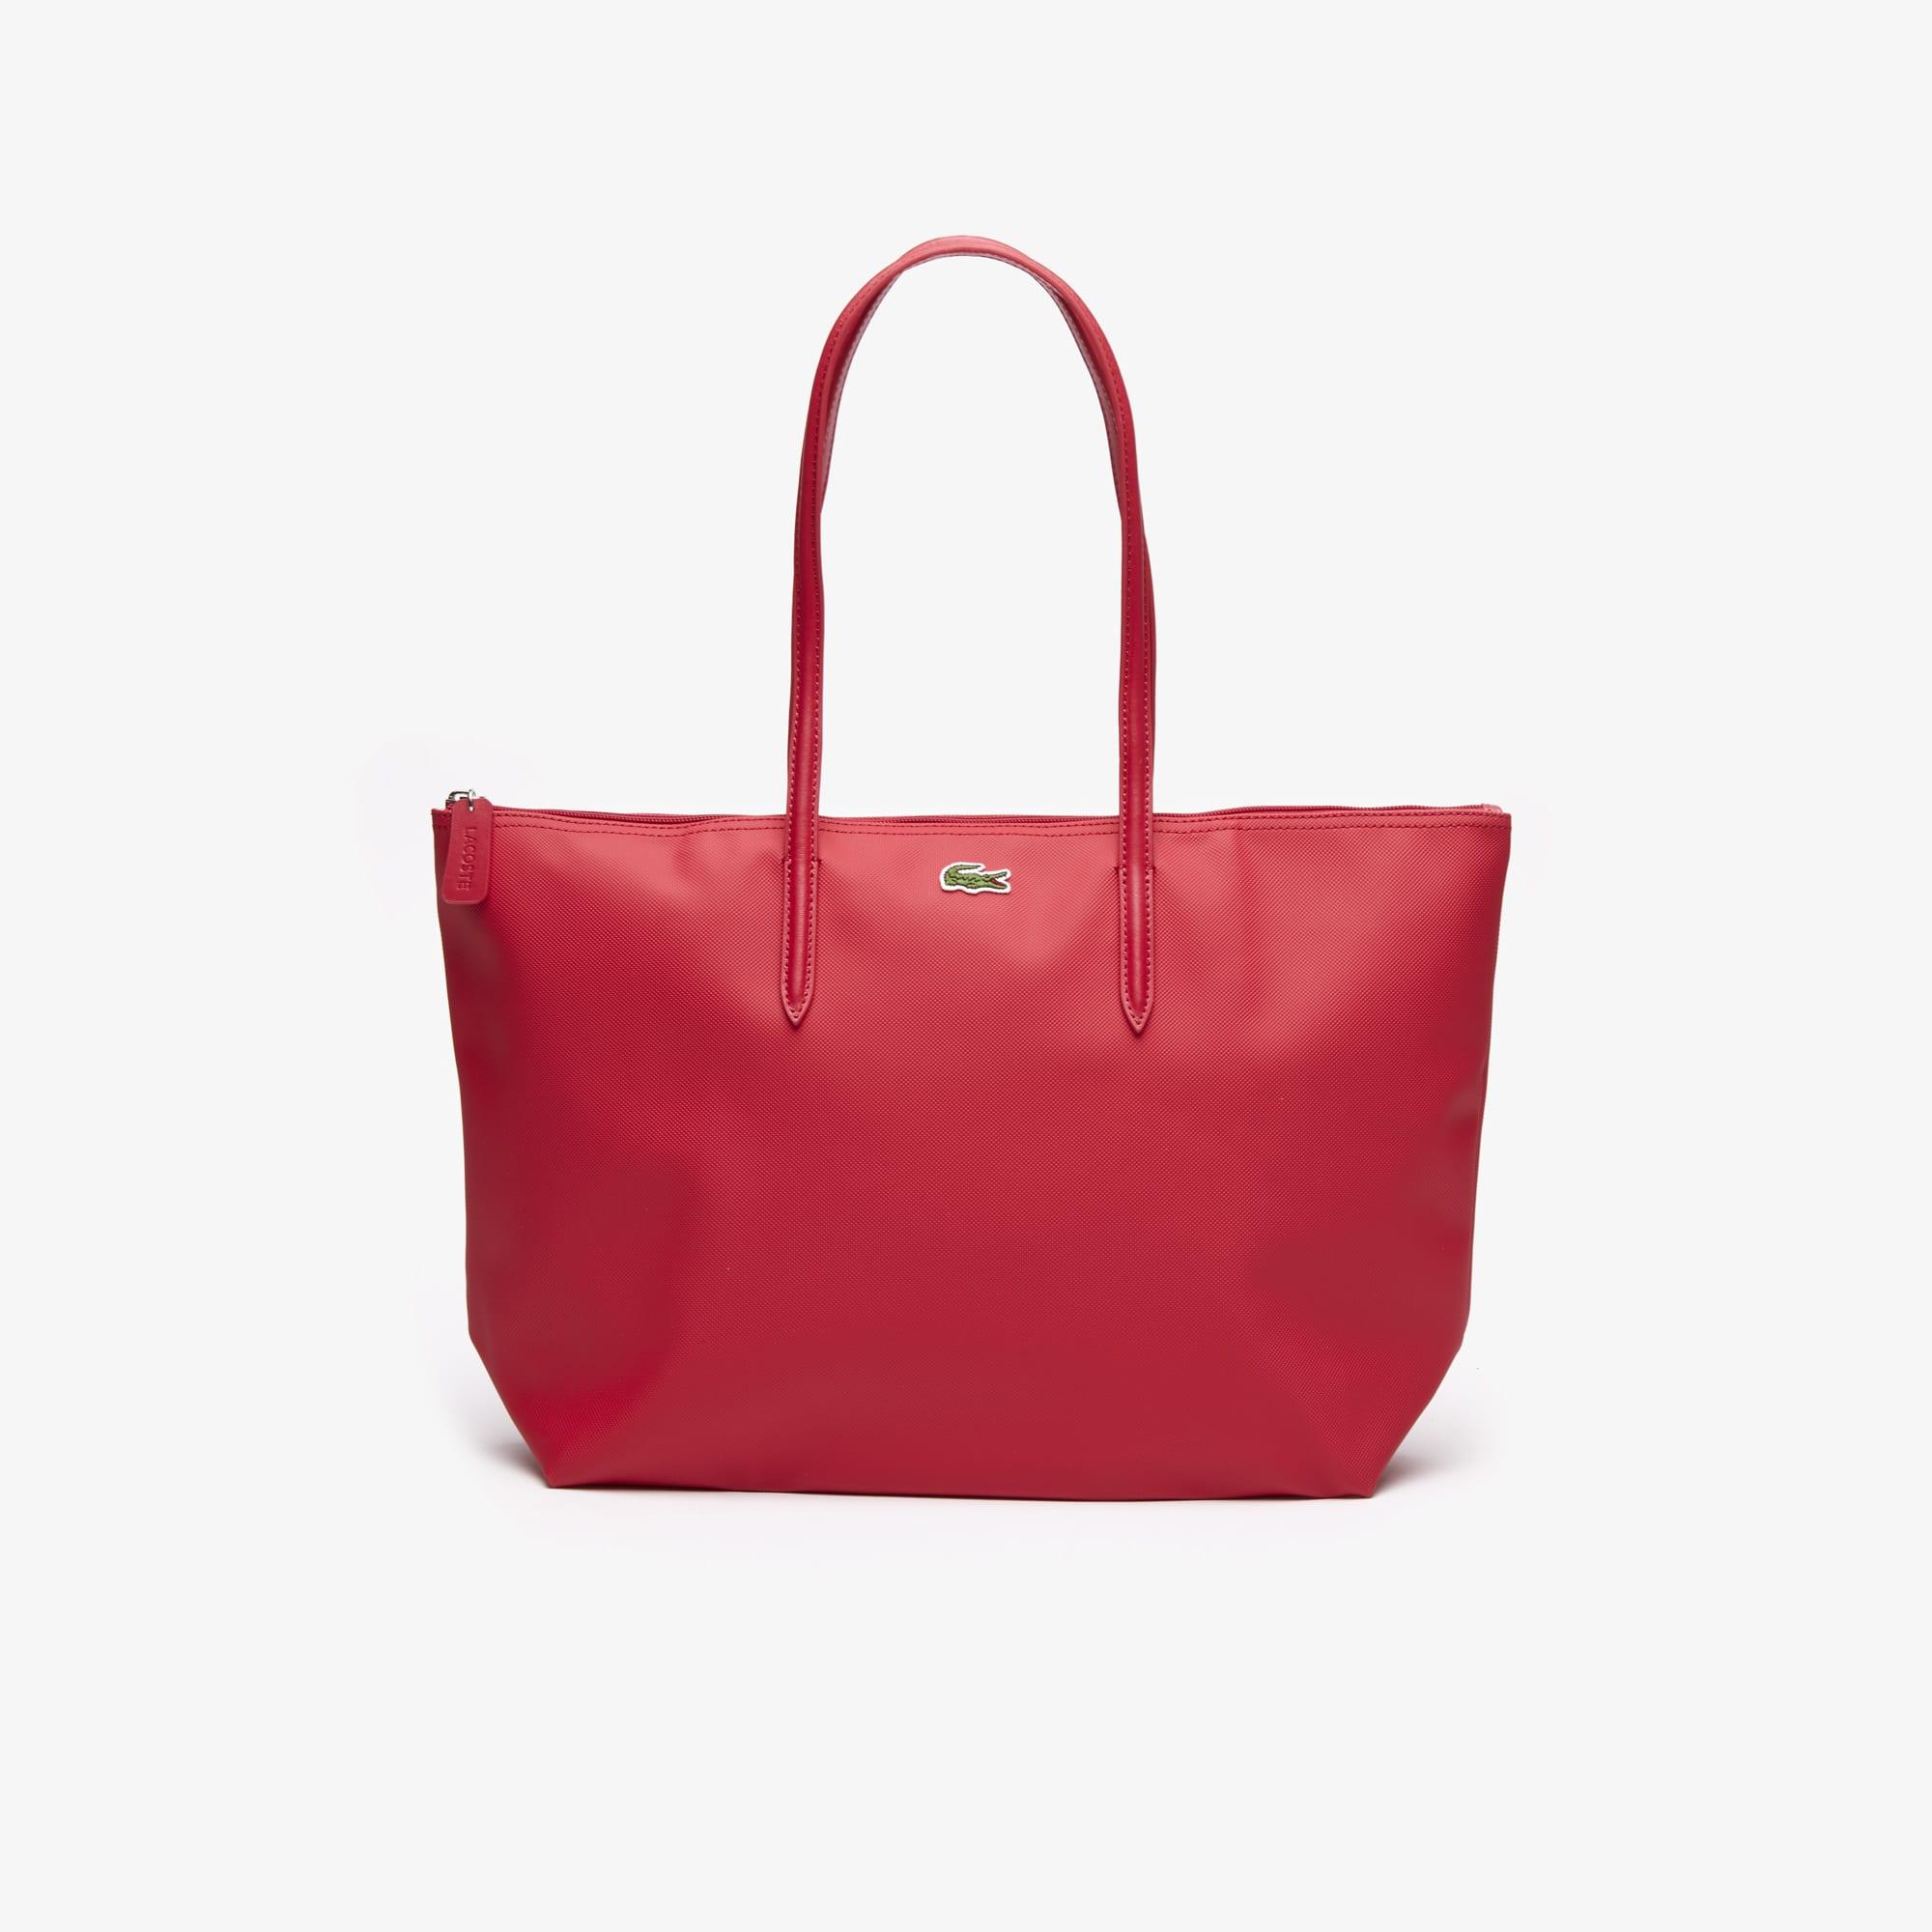 7e23388fbd223 Sacs à main cuir, sacs cabas | Maroquinerie femme | LACOSTE